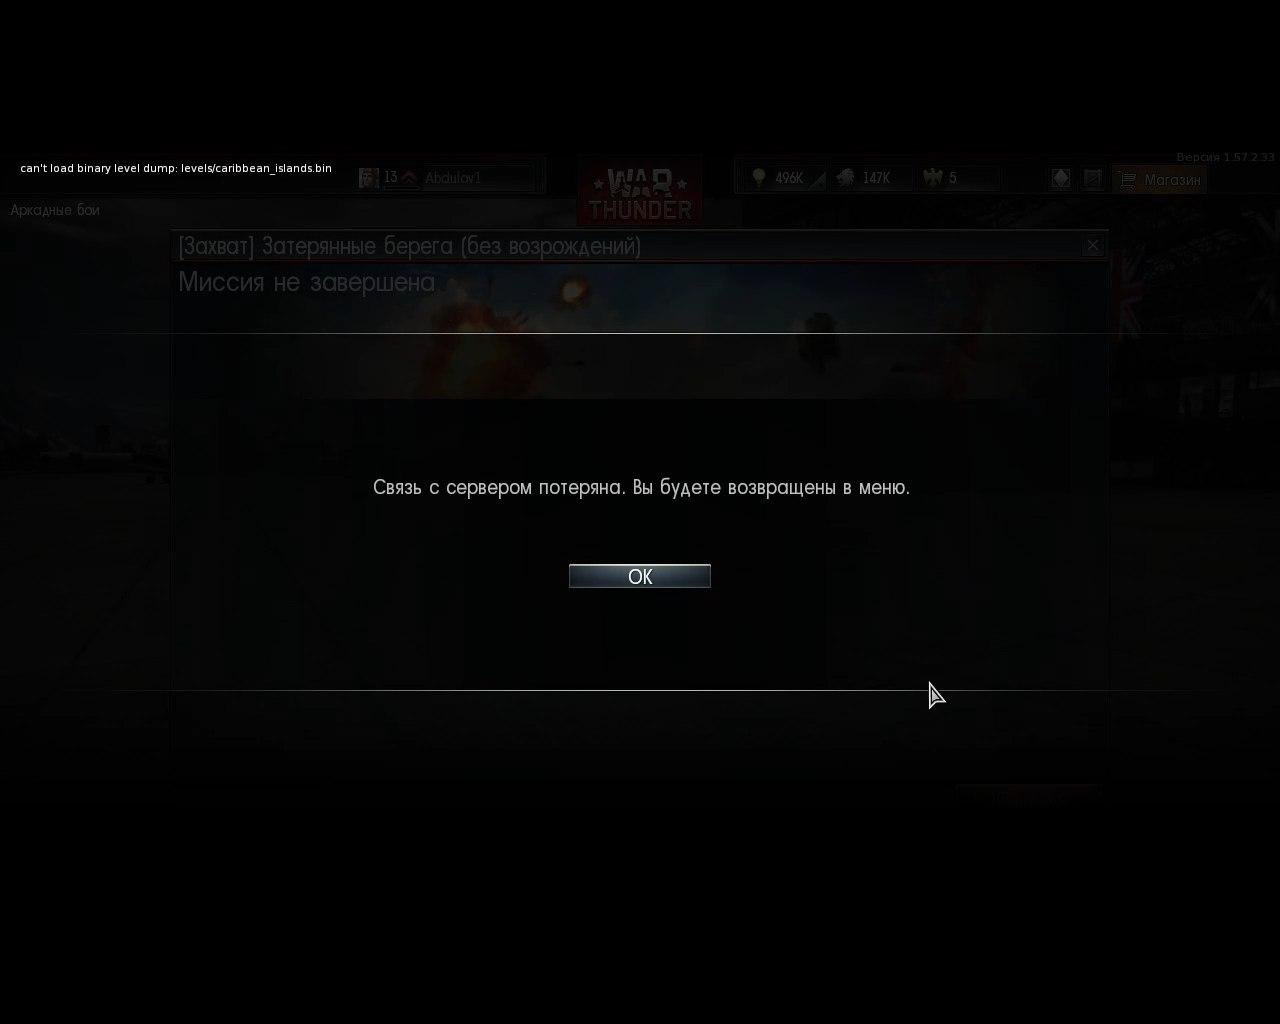 war thunder связь с сервером потеряна вы будете возвращены в меню